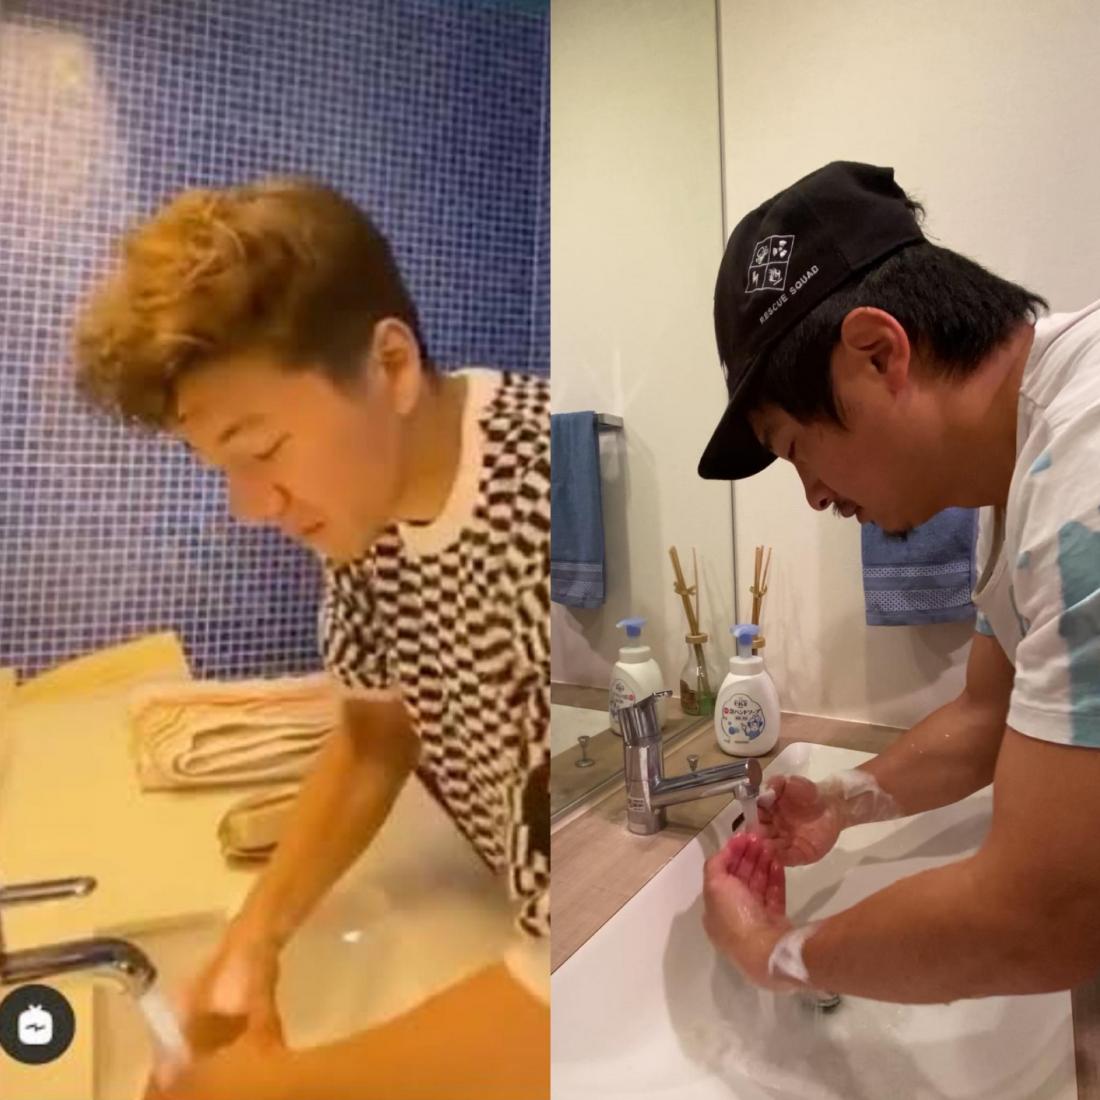 ⑱ Handwashing